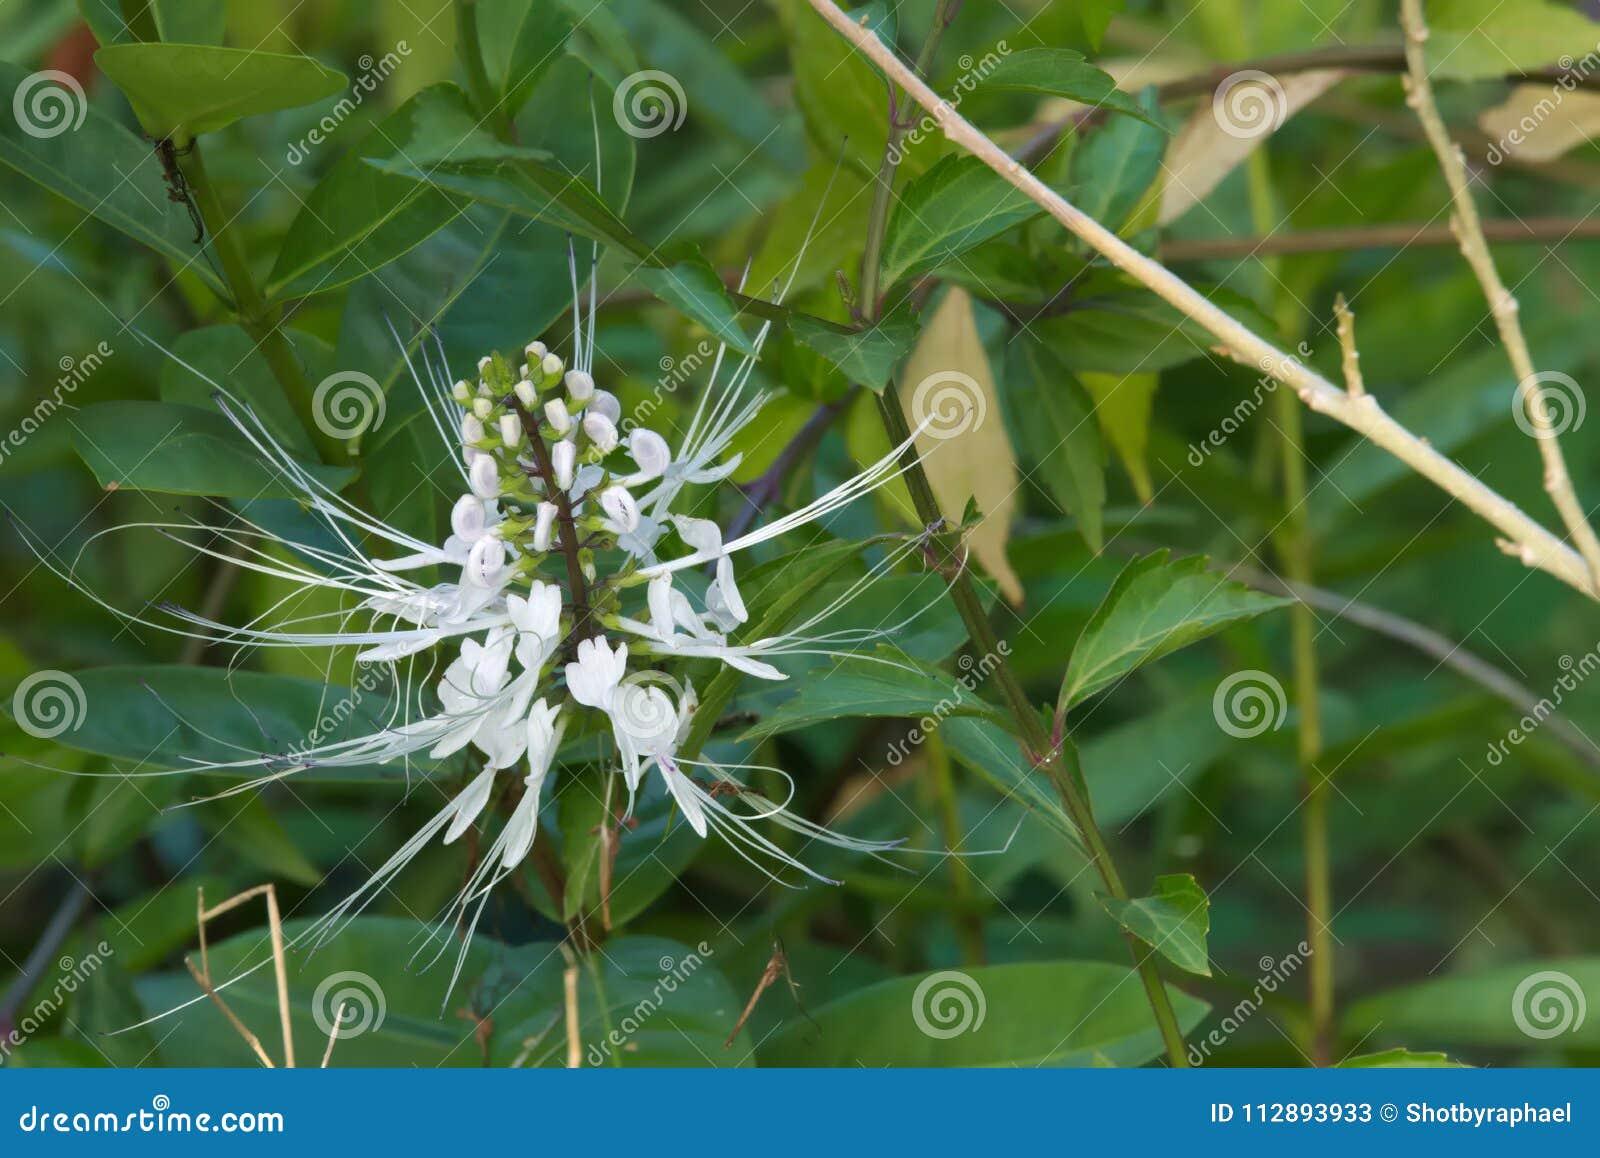 Ovanlig, härlig vit blomma med lilaspetsar, i en frodig thailändsk trädgård